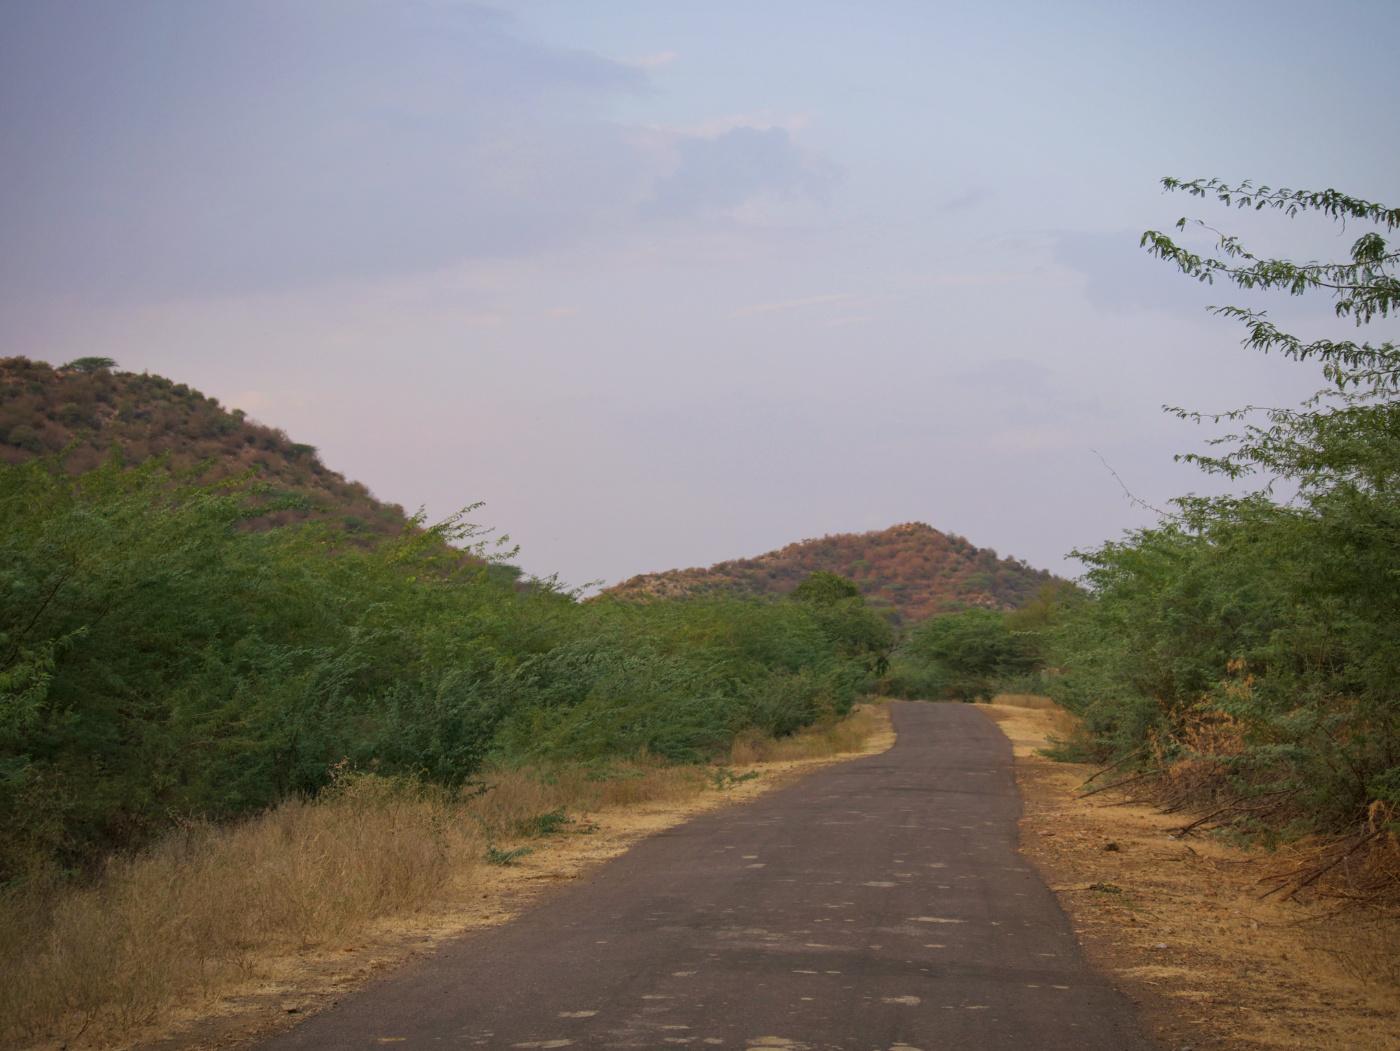 303-India-Khandela